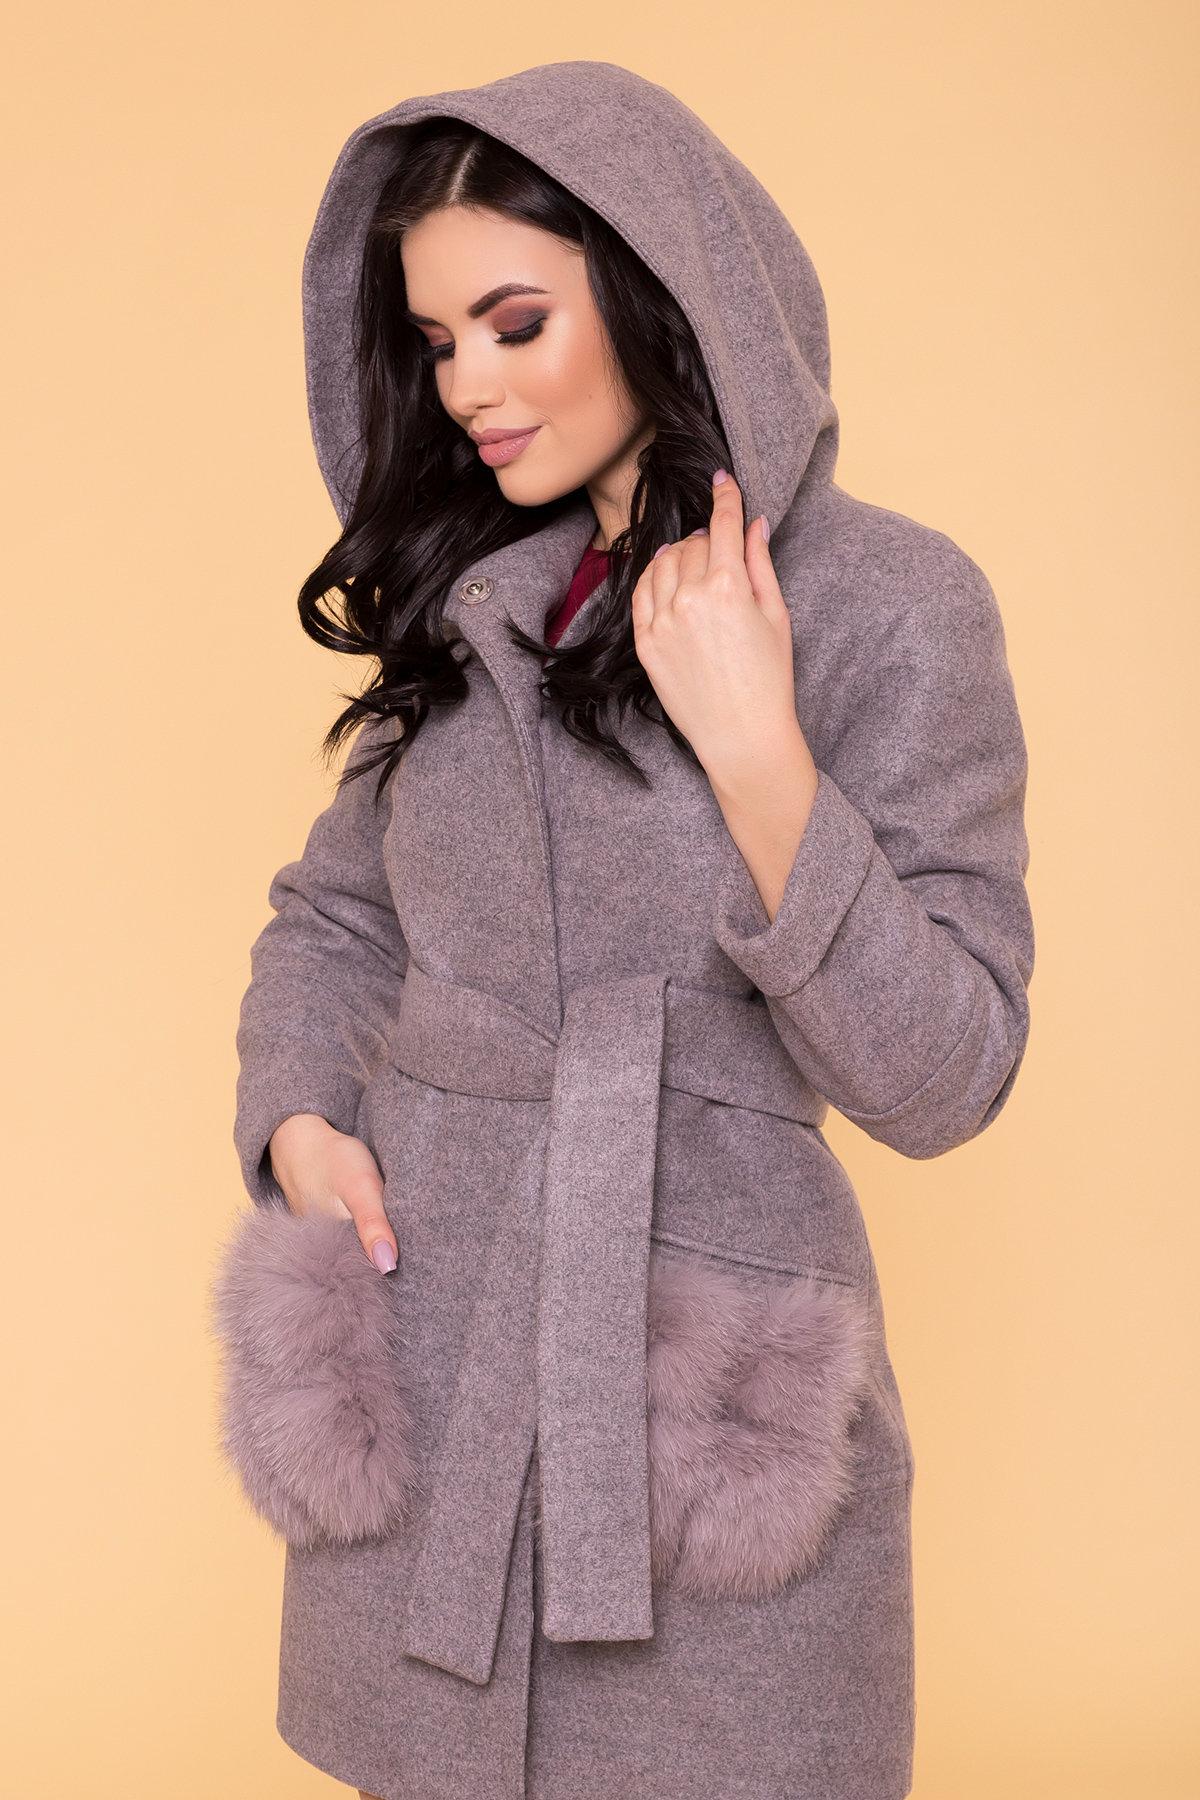 Зимнее пальто с меховыми карманами Анита 3820 АРТ. 40745 Цвет: Серо-розовый 19 - фото 5, интернет магазин tm-modus.ru